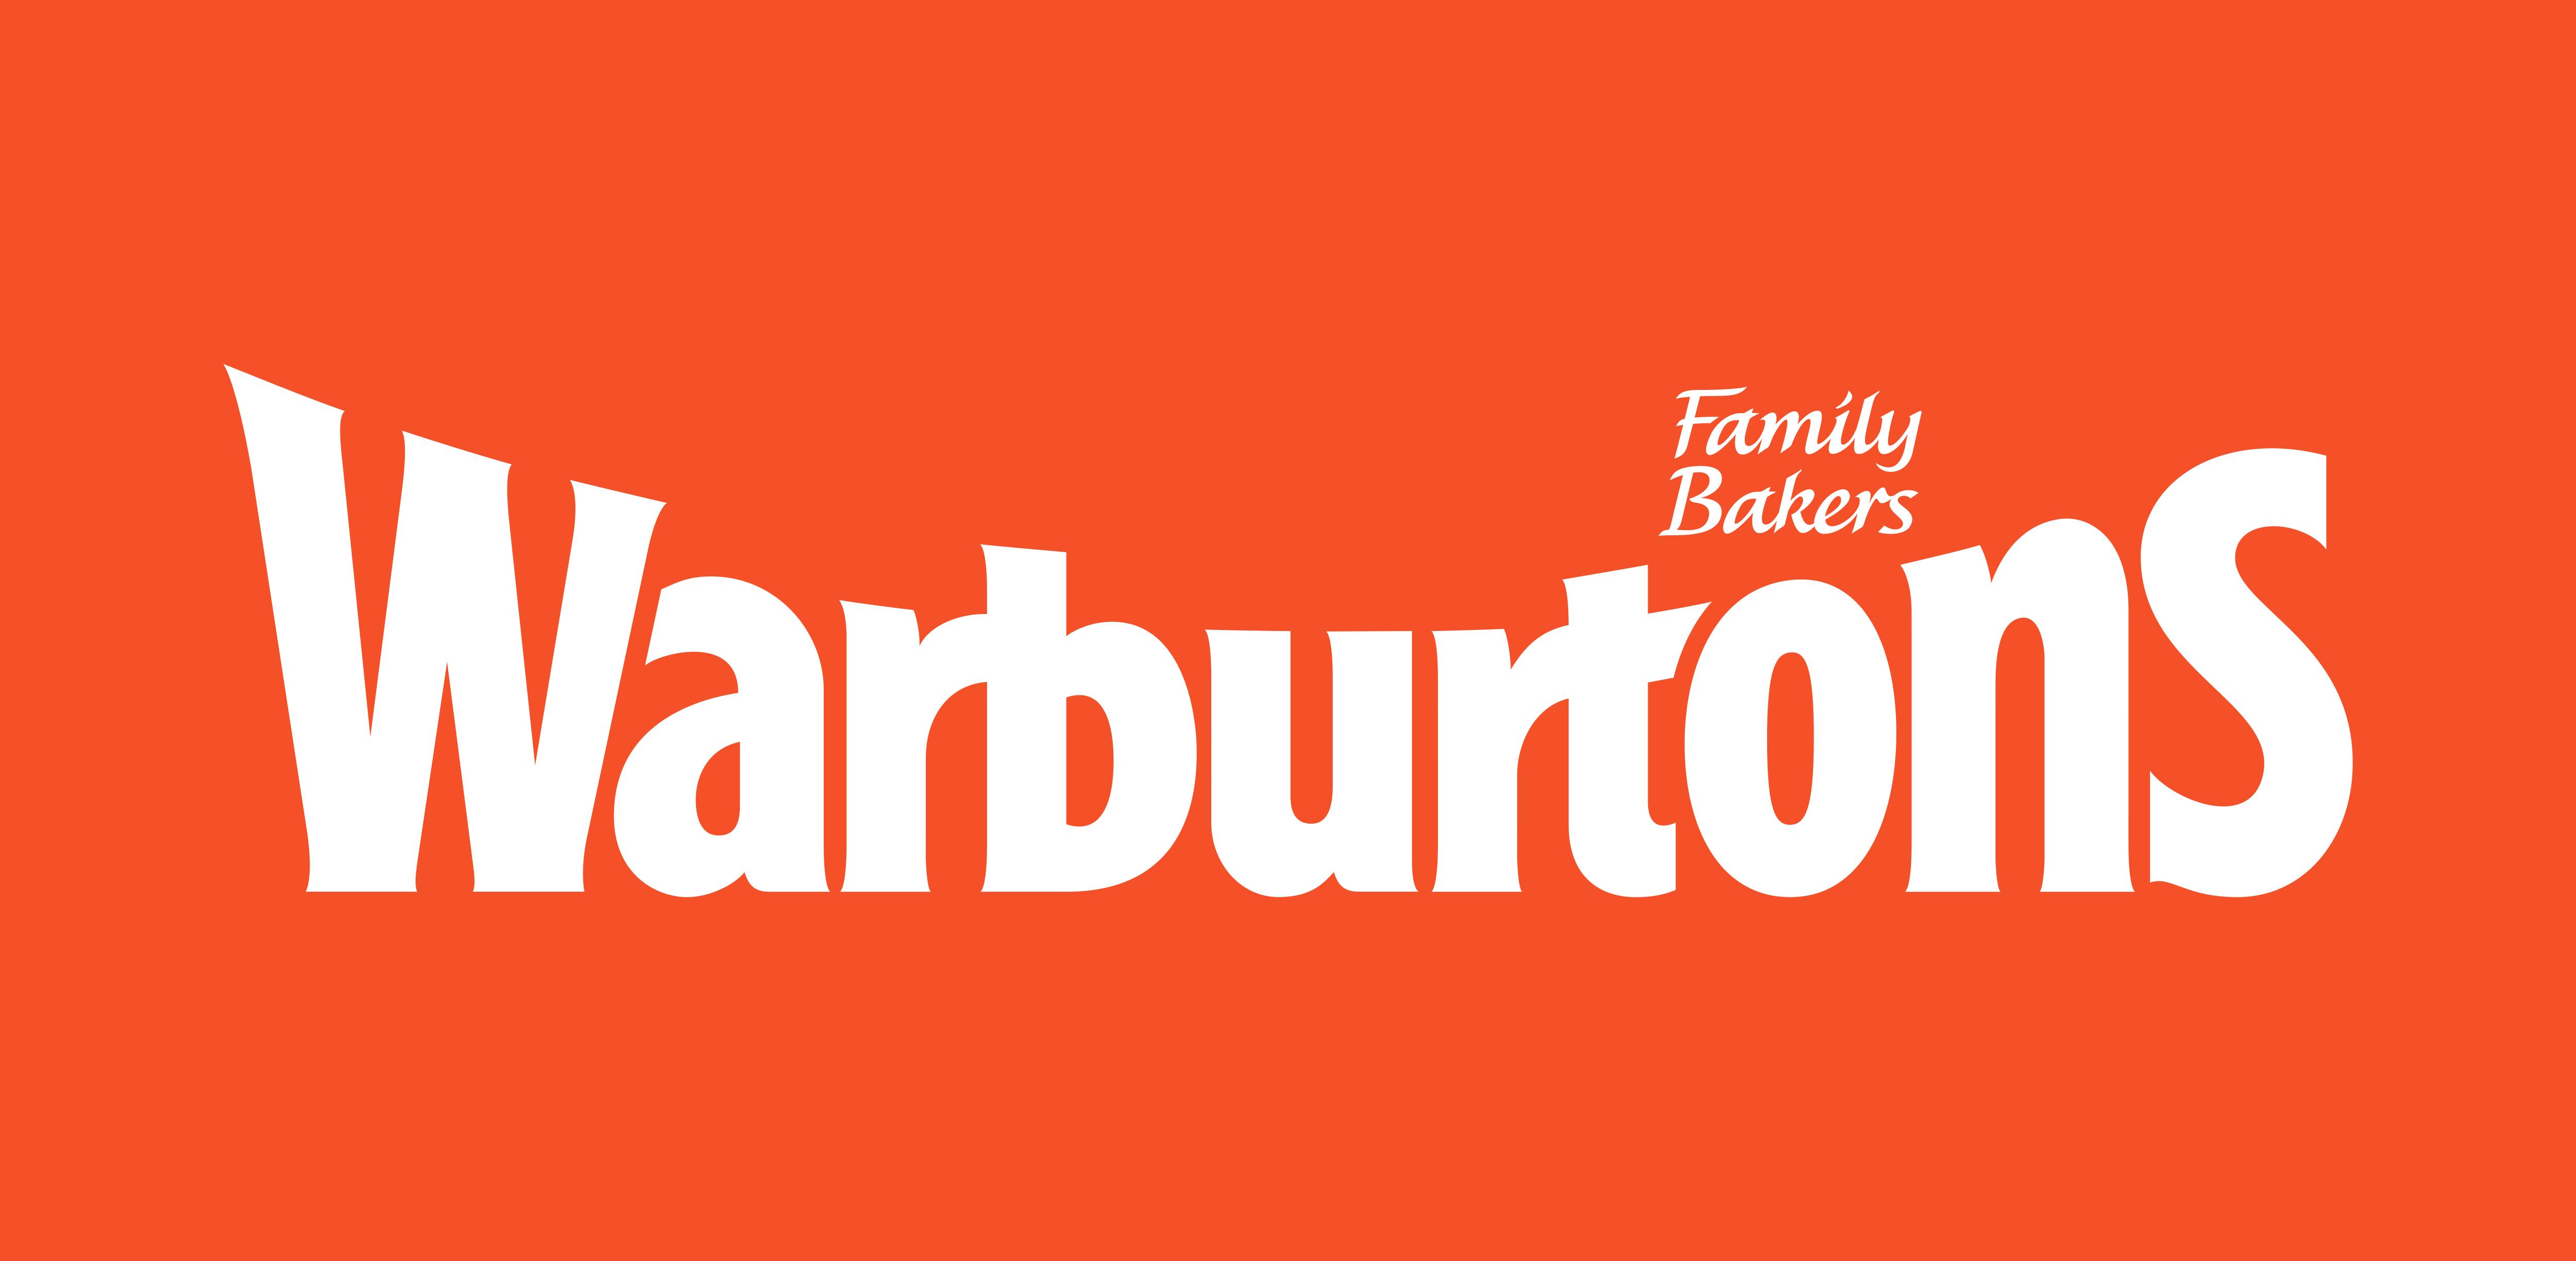 Warburtons – Logos Download